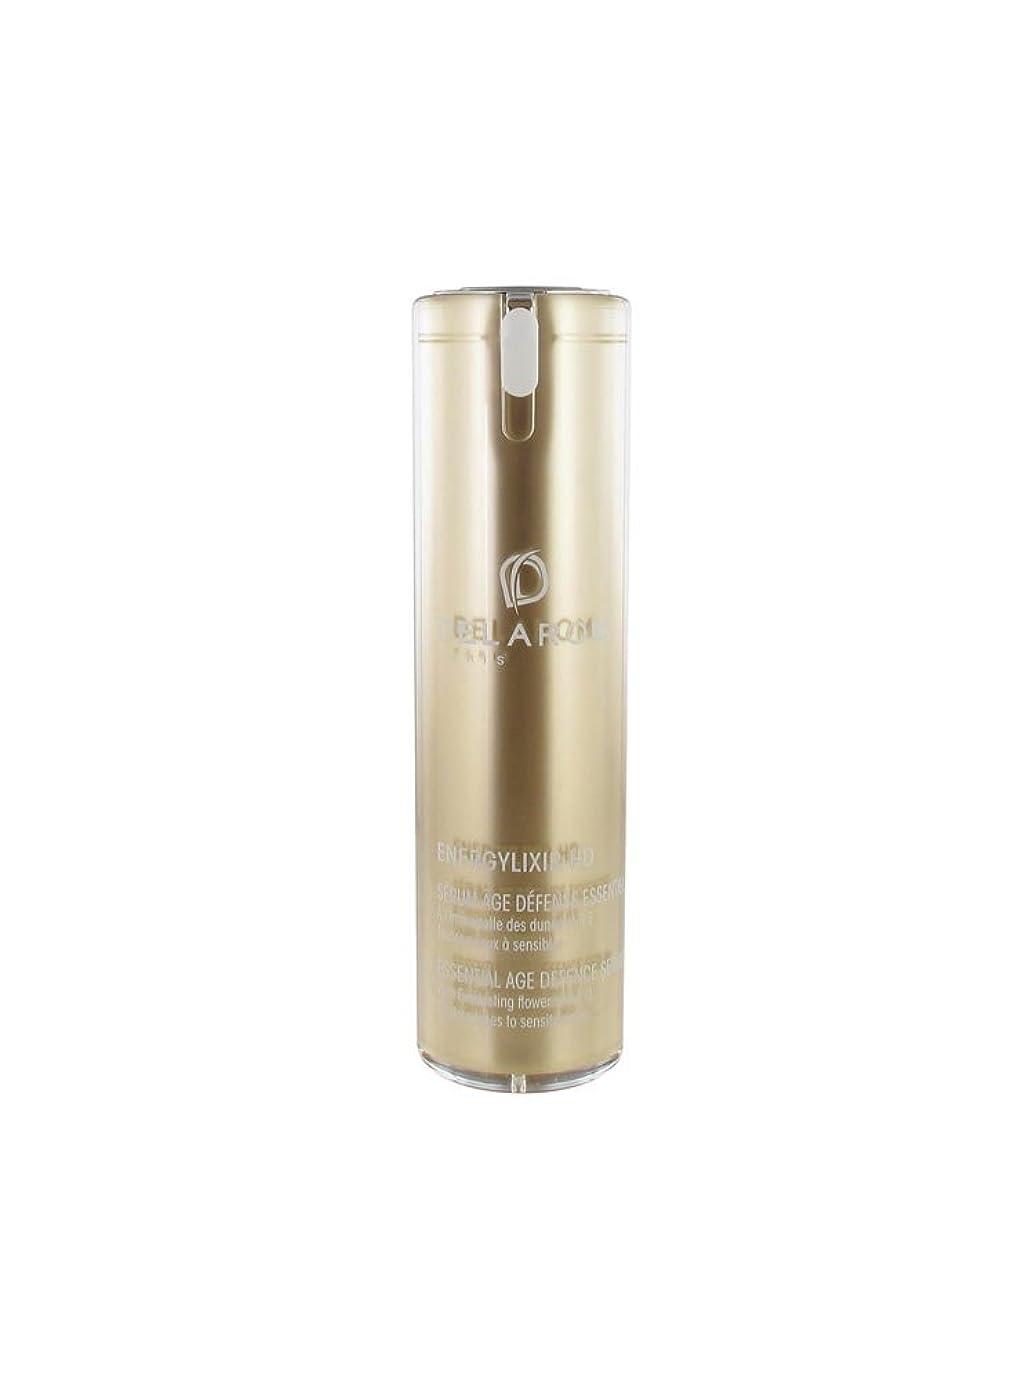 シュリンク何もないミルDELAROM Energylixir HD Essential Age Defence Serum - For All Skin Types to Sensitive Skin 30ml/1oz並行輸入品